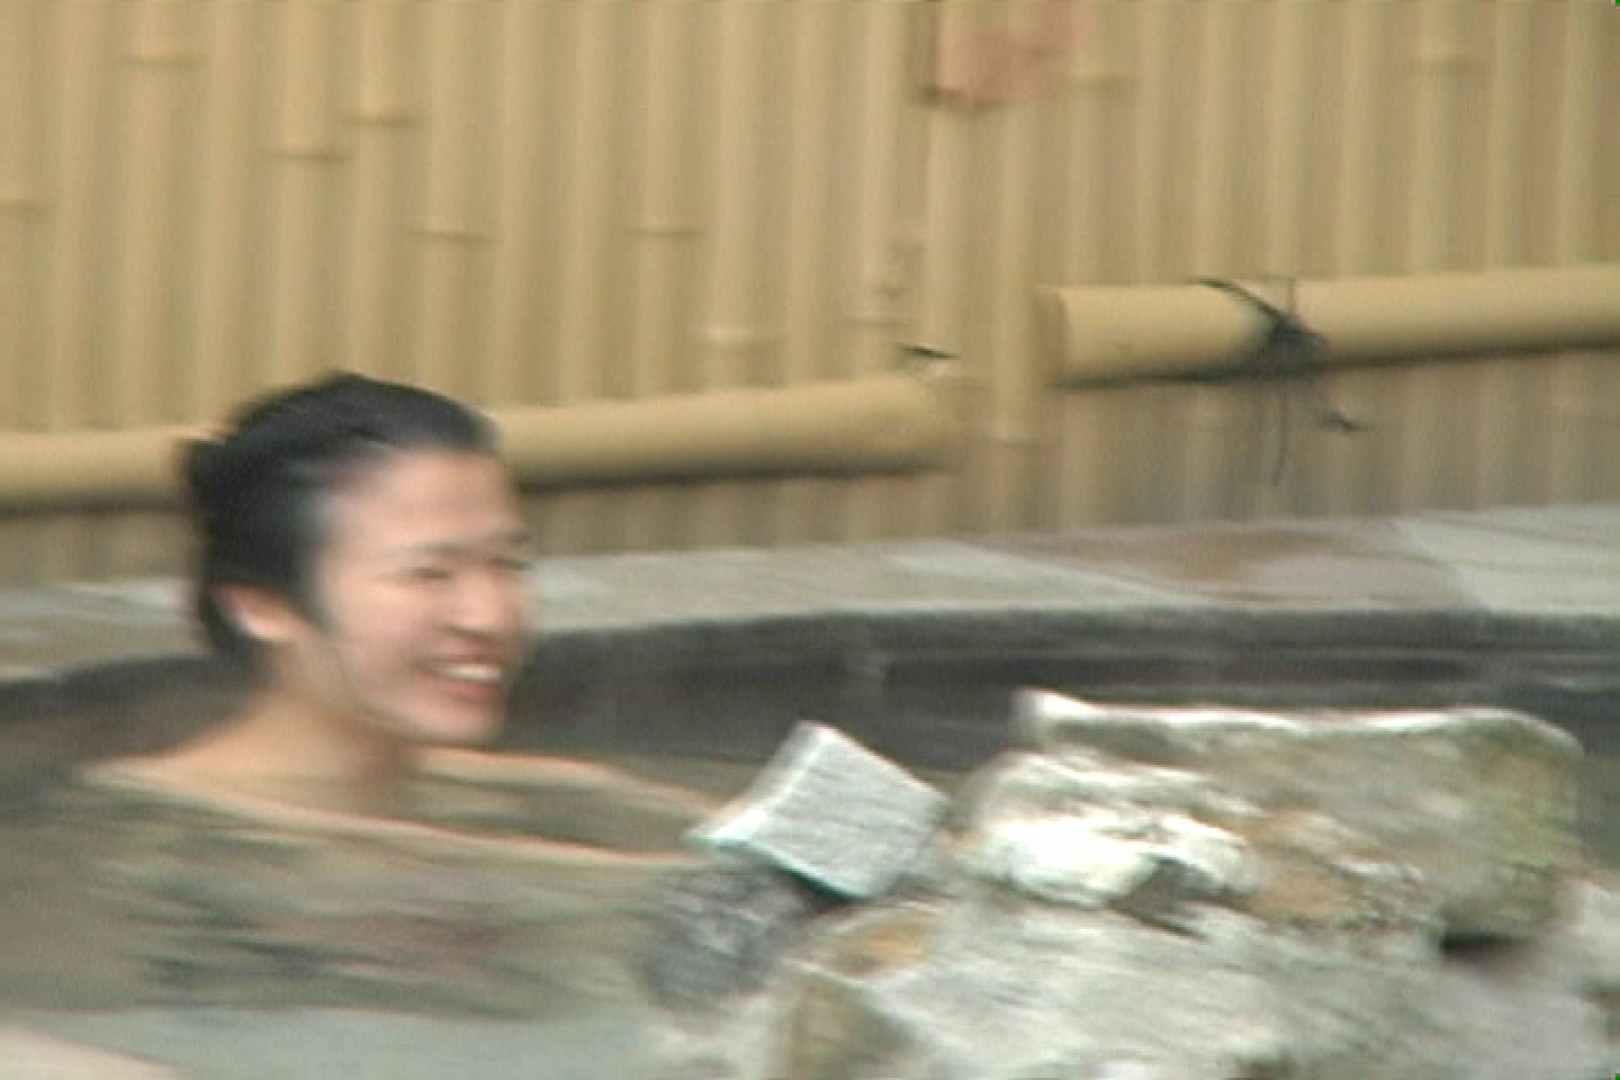 Aquaな露天風呂Vol.647 盗撮 | 露天  83画像 25